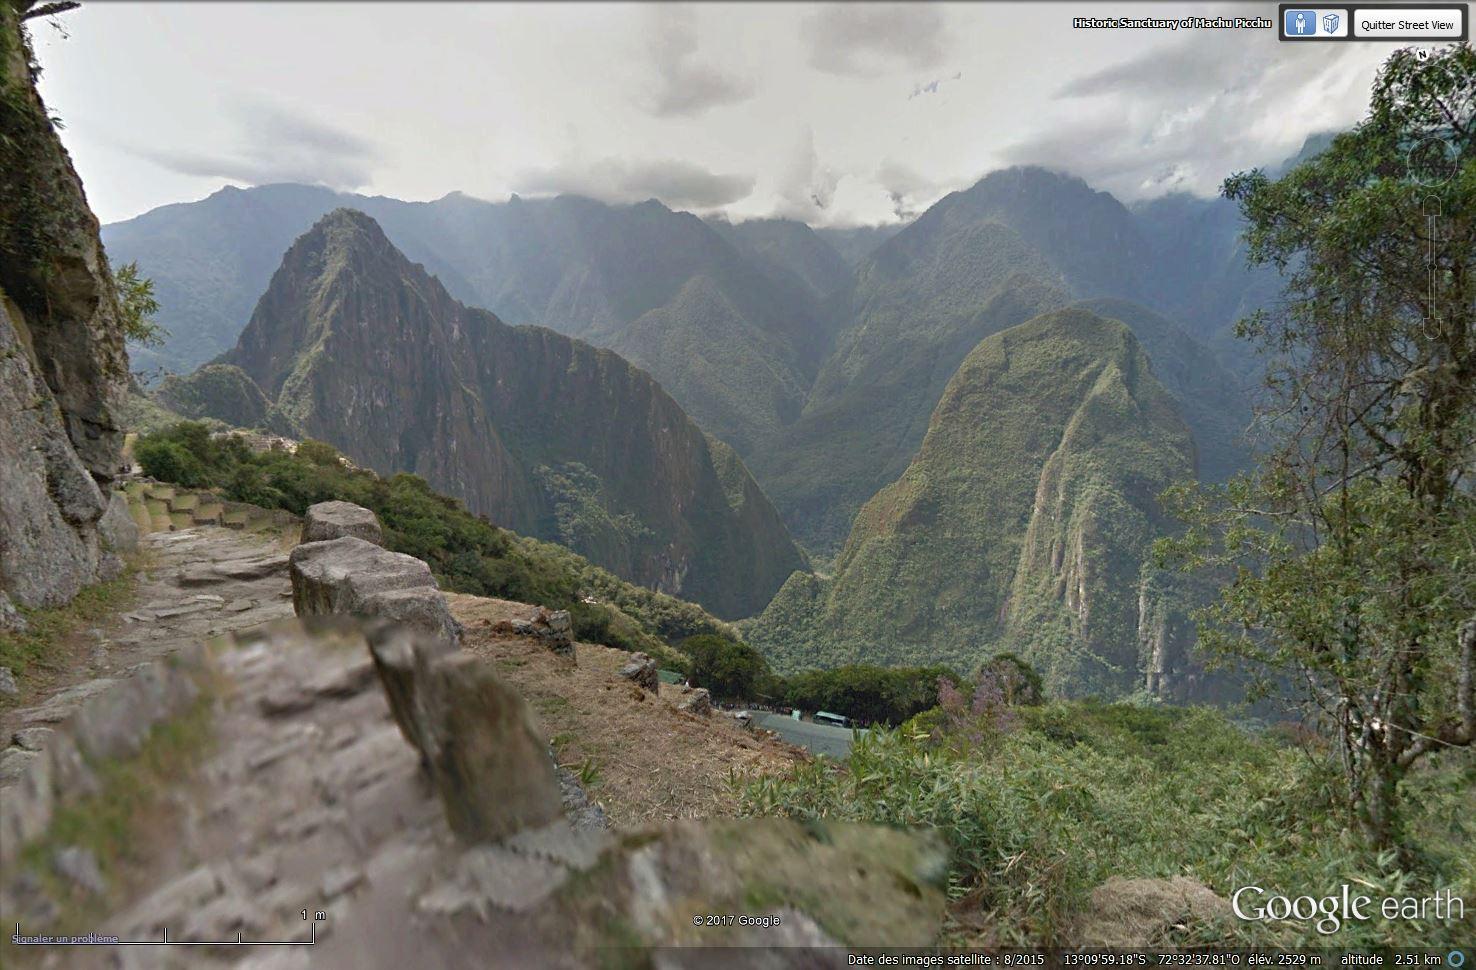 Le Machu Pichu - Pérou - Page 3 Tsge_159